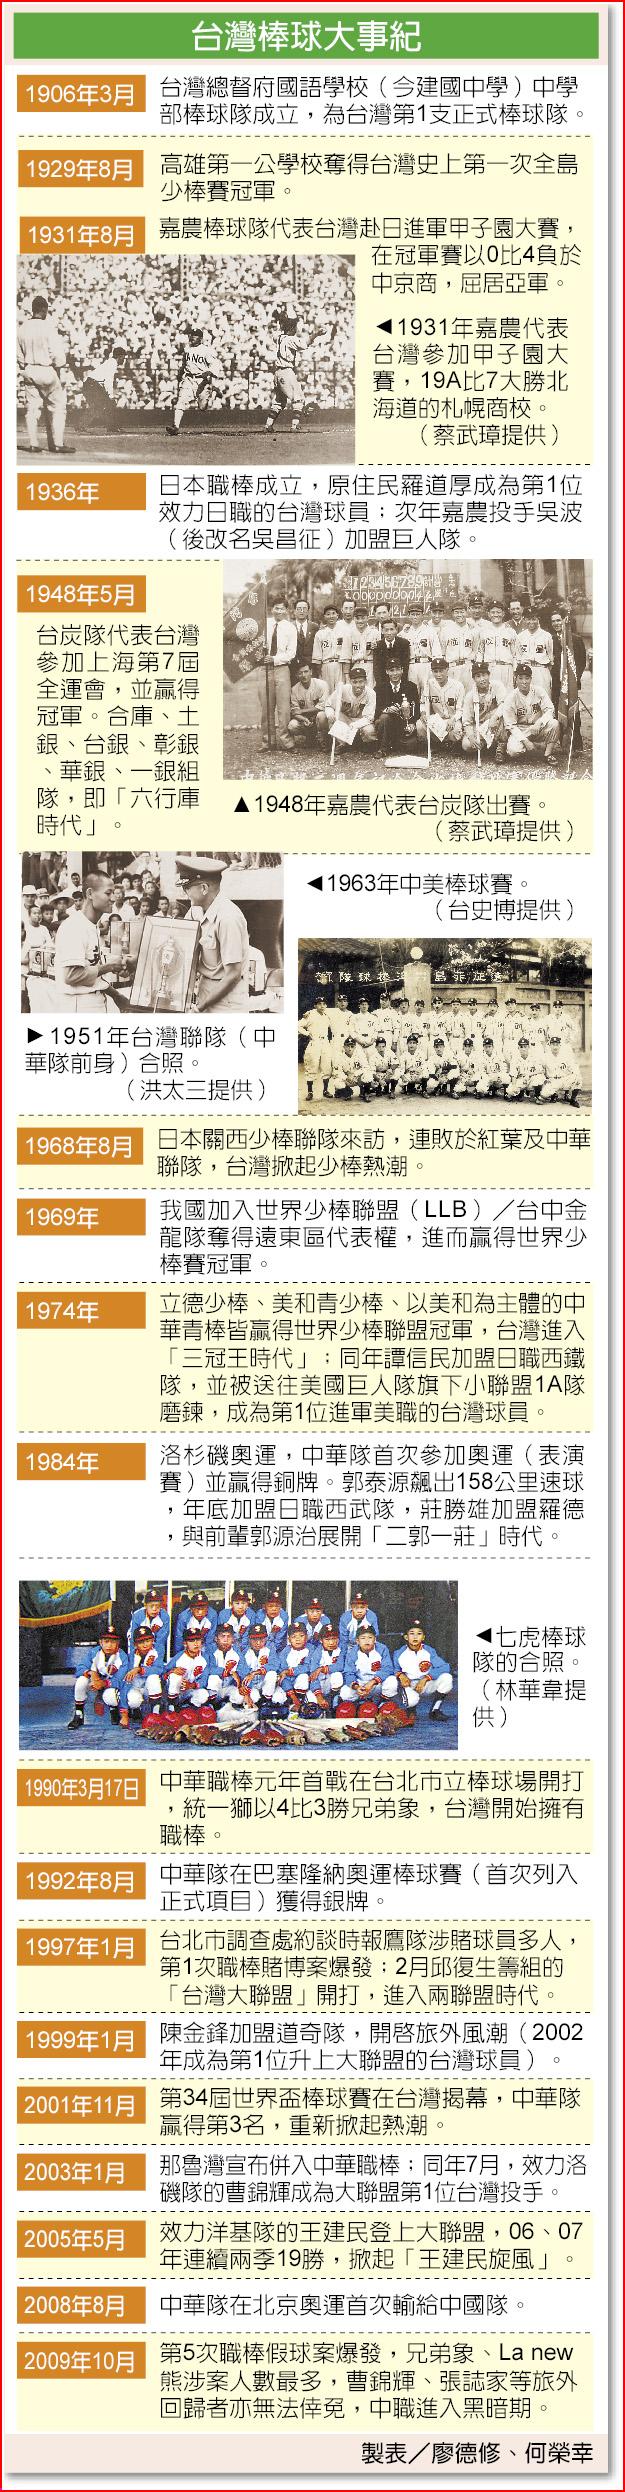 台灣棒球大事紀